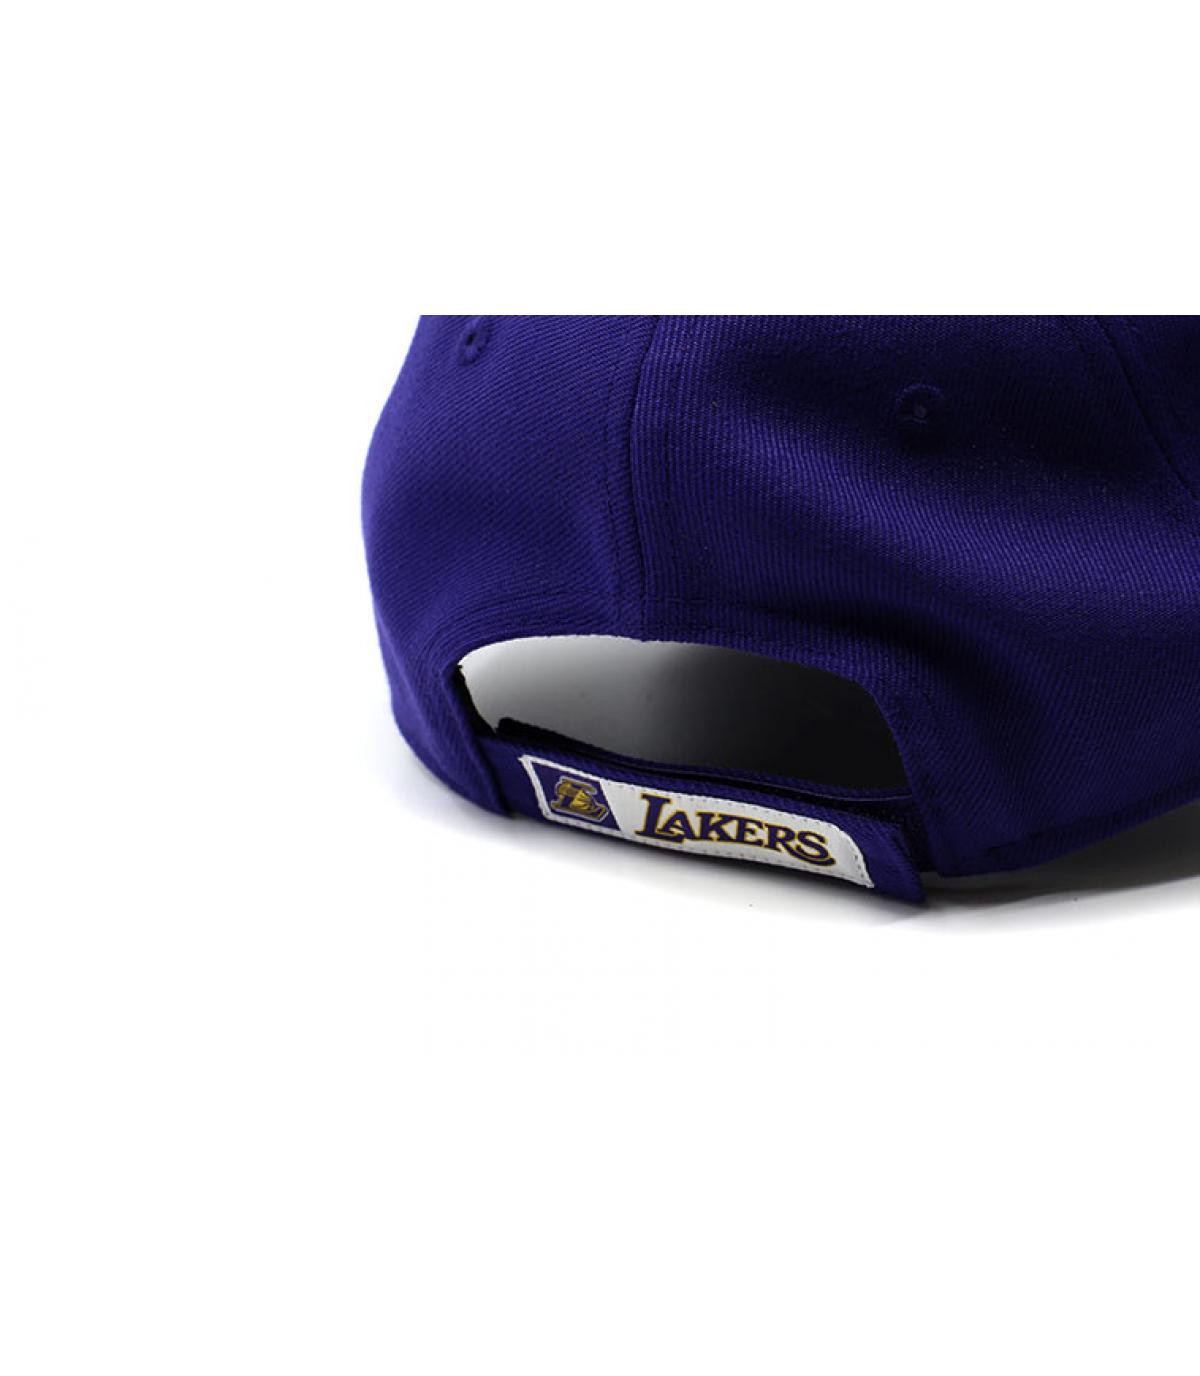 Détails Casquette Lakers NBA The League - image 5